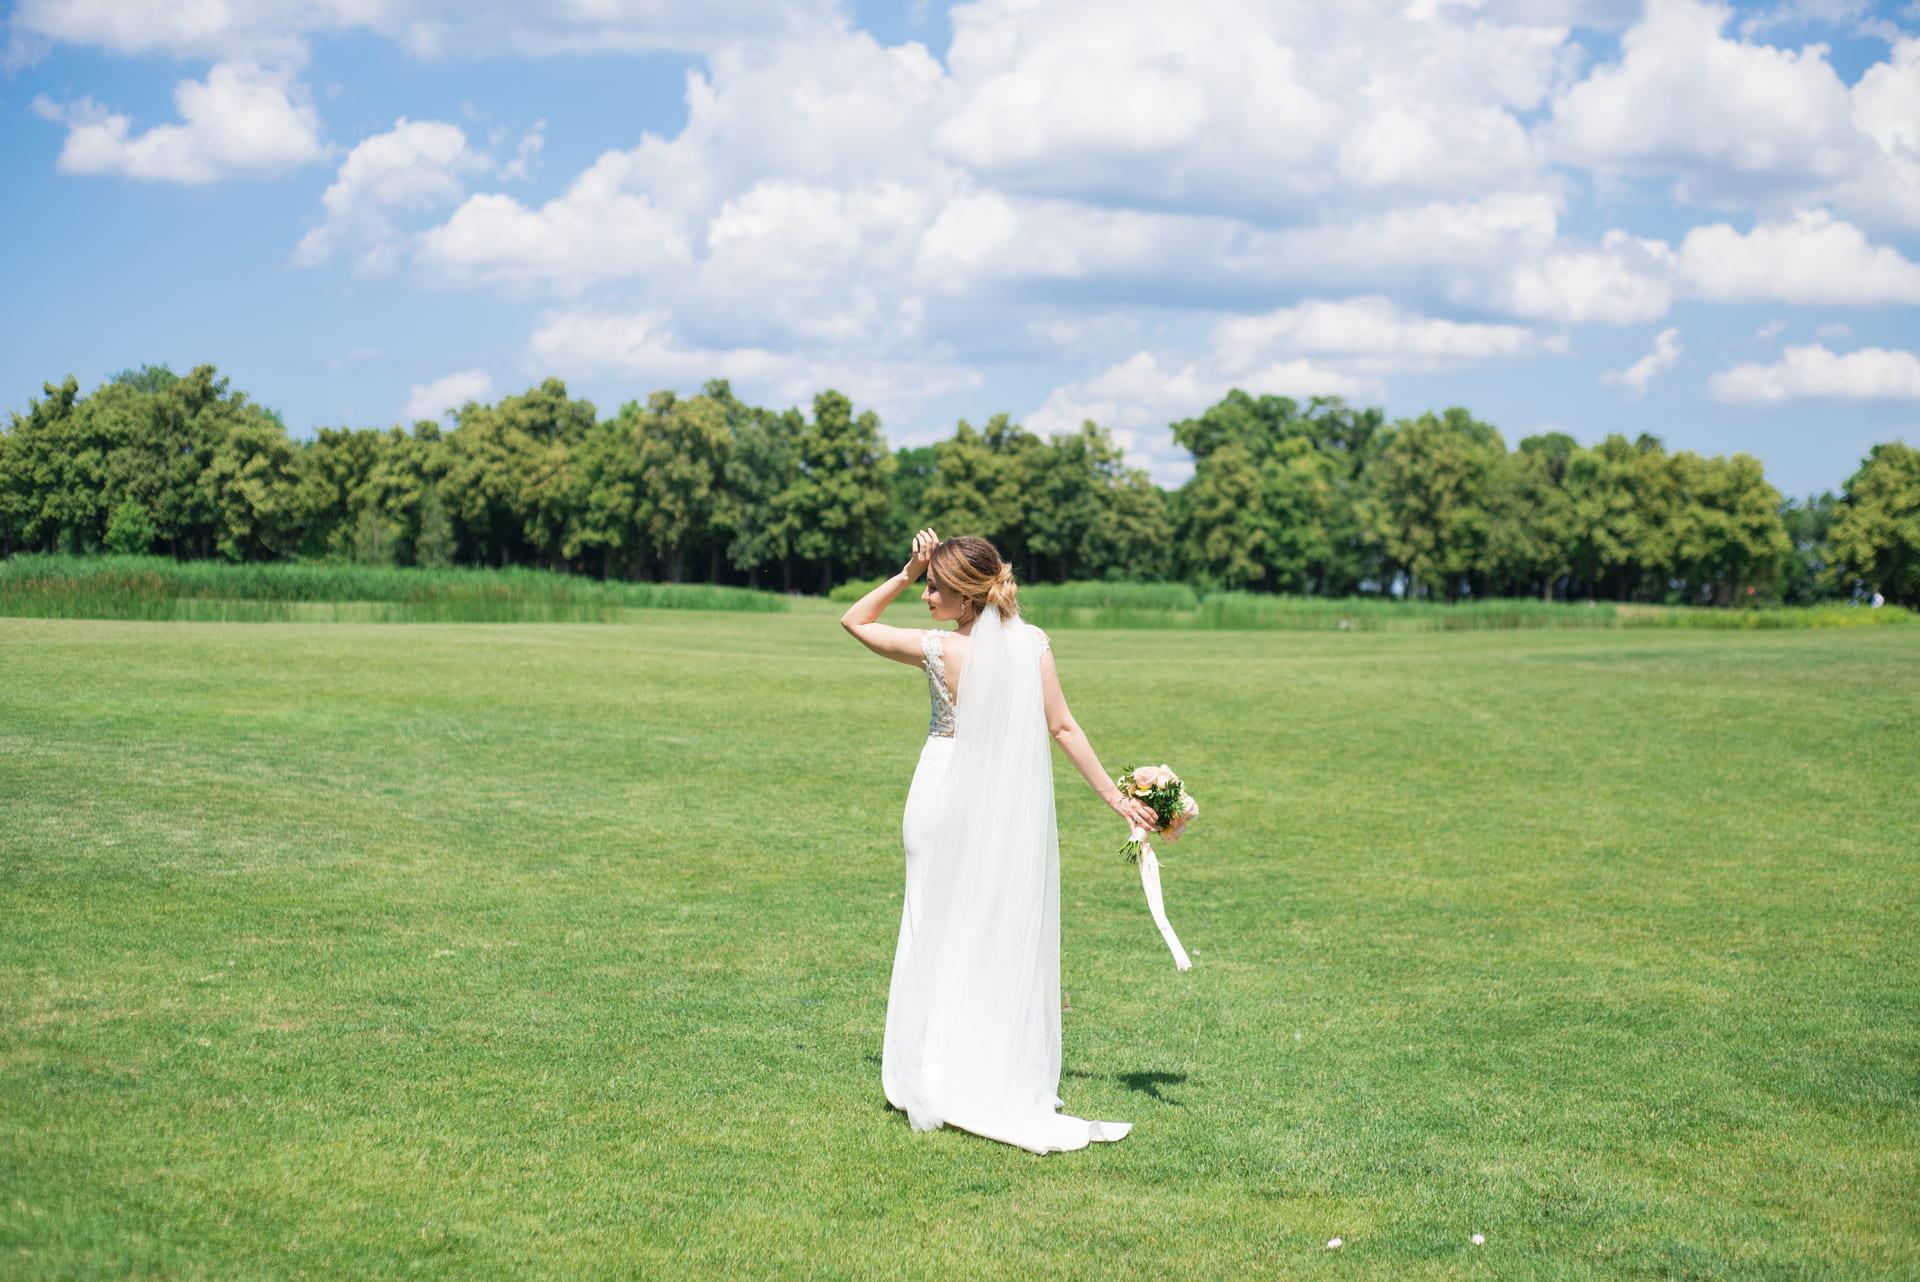 Свадебная фотосессия в Межигорье: Невеста гуляет в поле